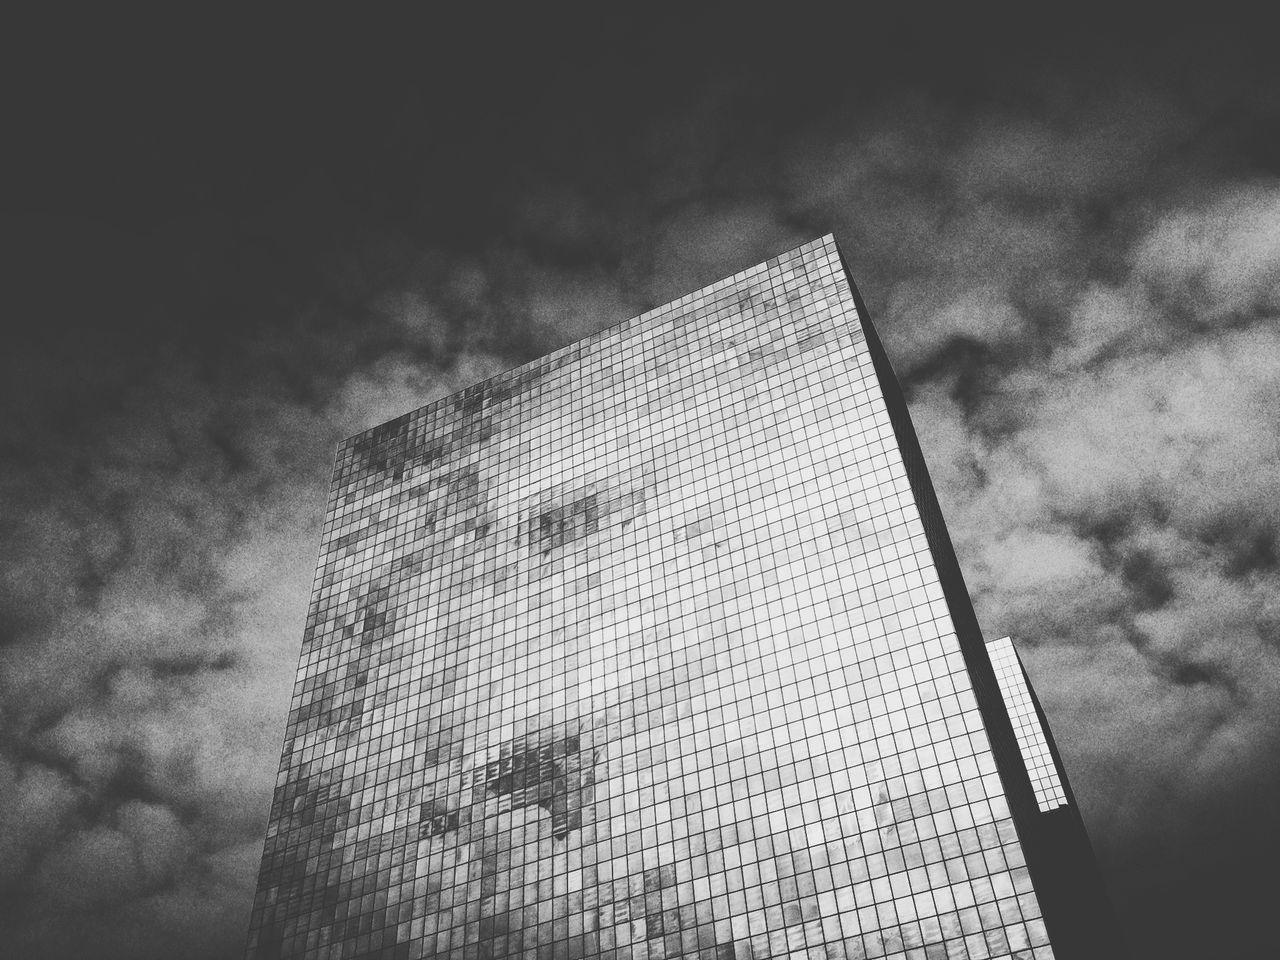 Architecture Architecture_bw AMPt Community WeAreJuxt.com